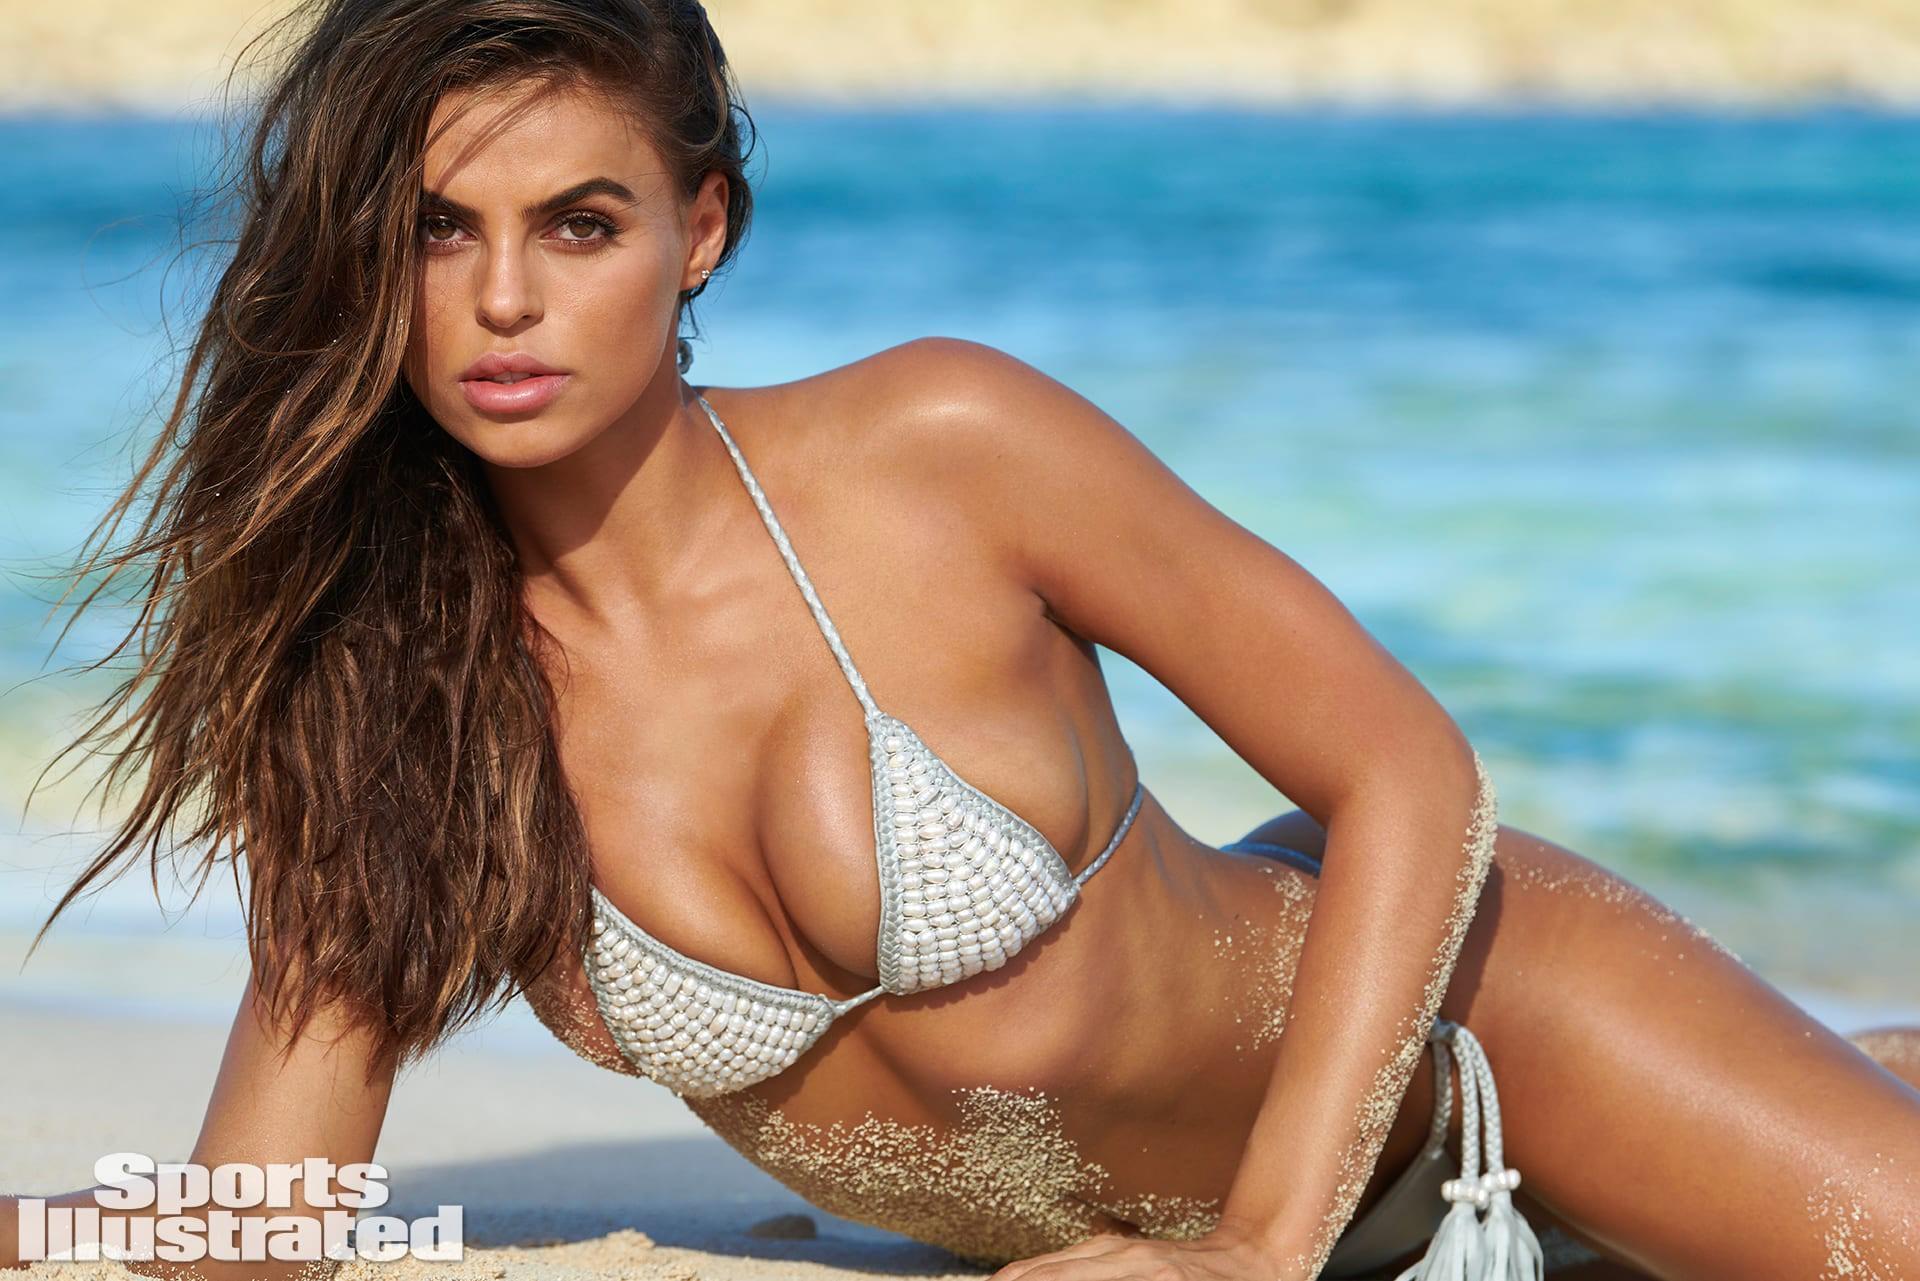 'Gà cưng' của tạp chí áo tắm danh tiếng Sports Illustrated đẹp gây mê ánh nhìn Ảnh 13